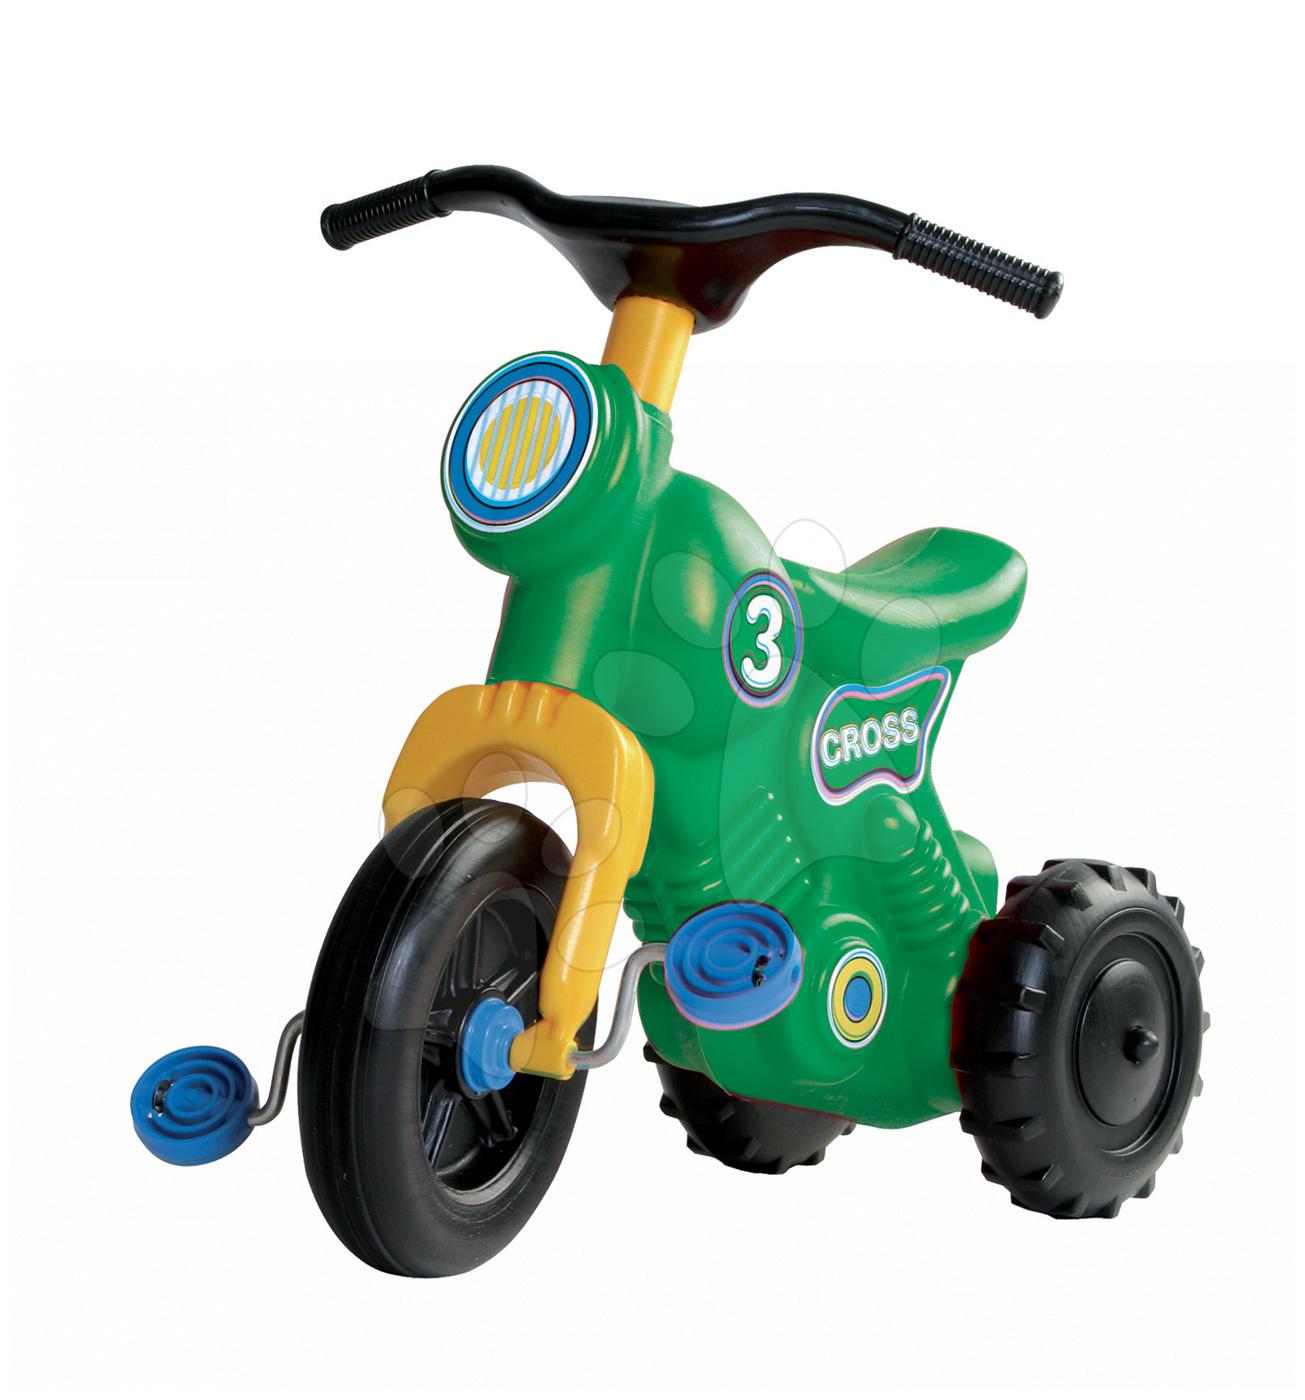 Odrážedlo Cross 3 Motorbike Dohány s pedály, zelené